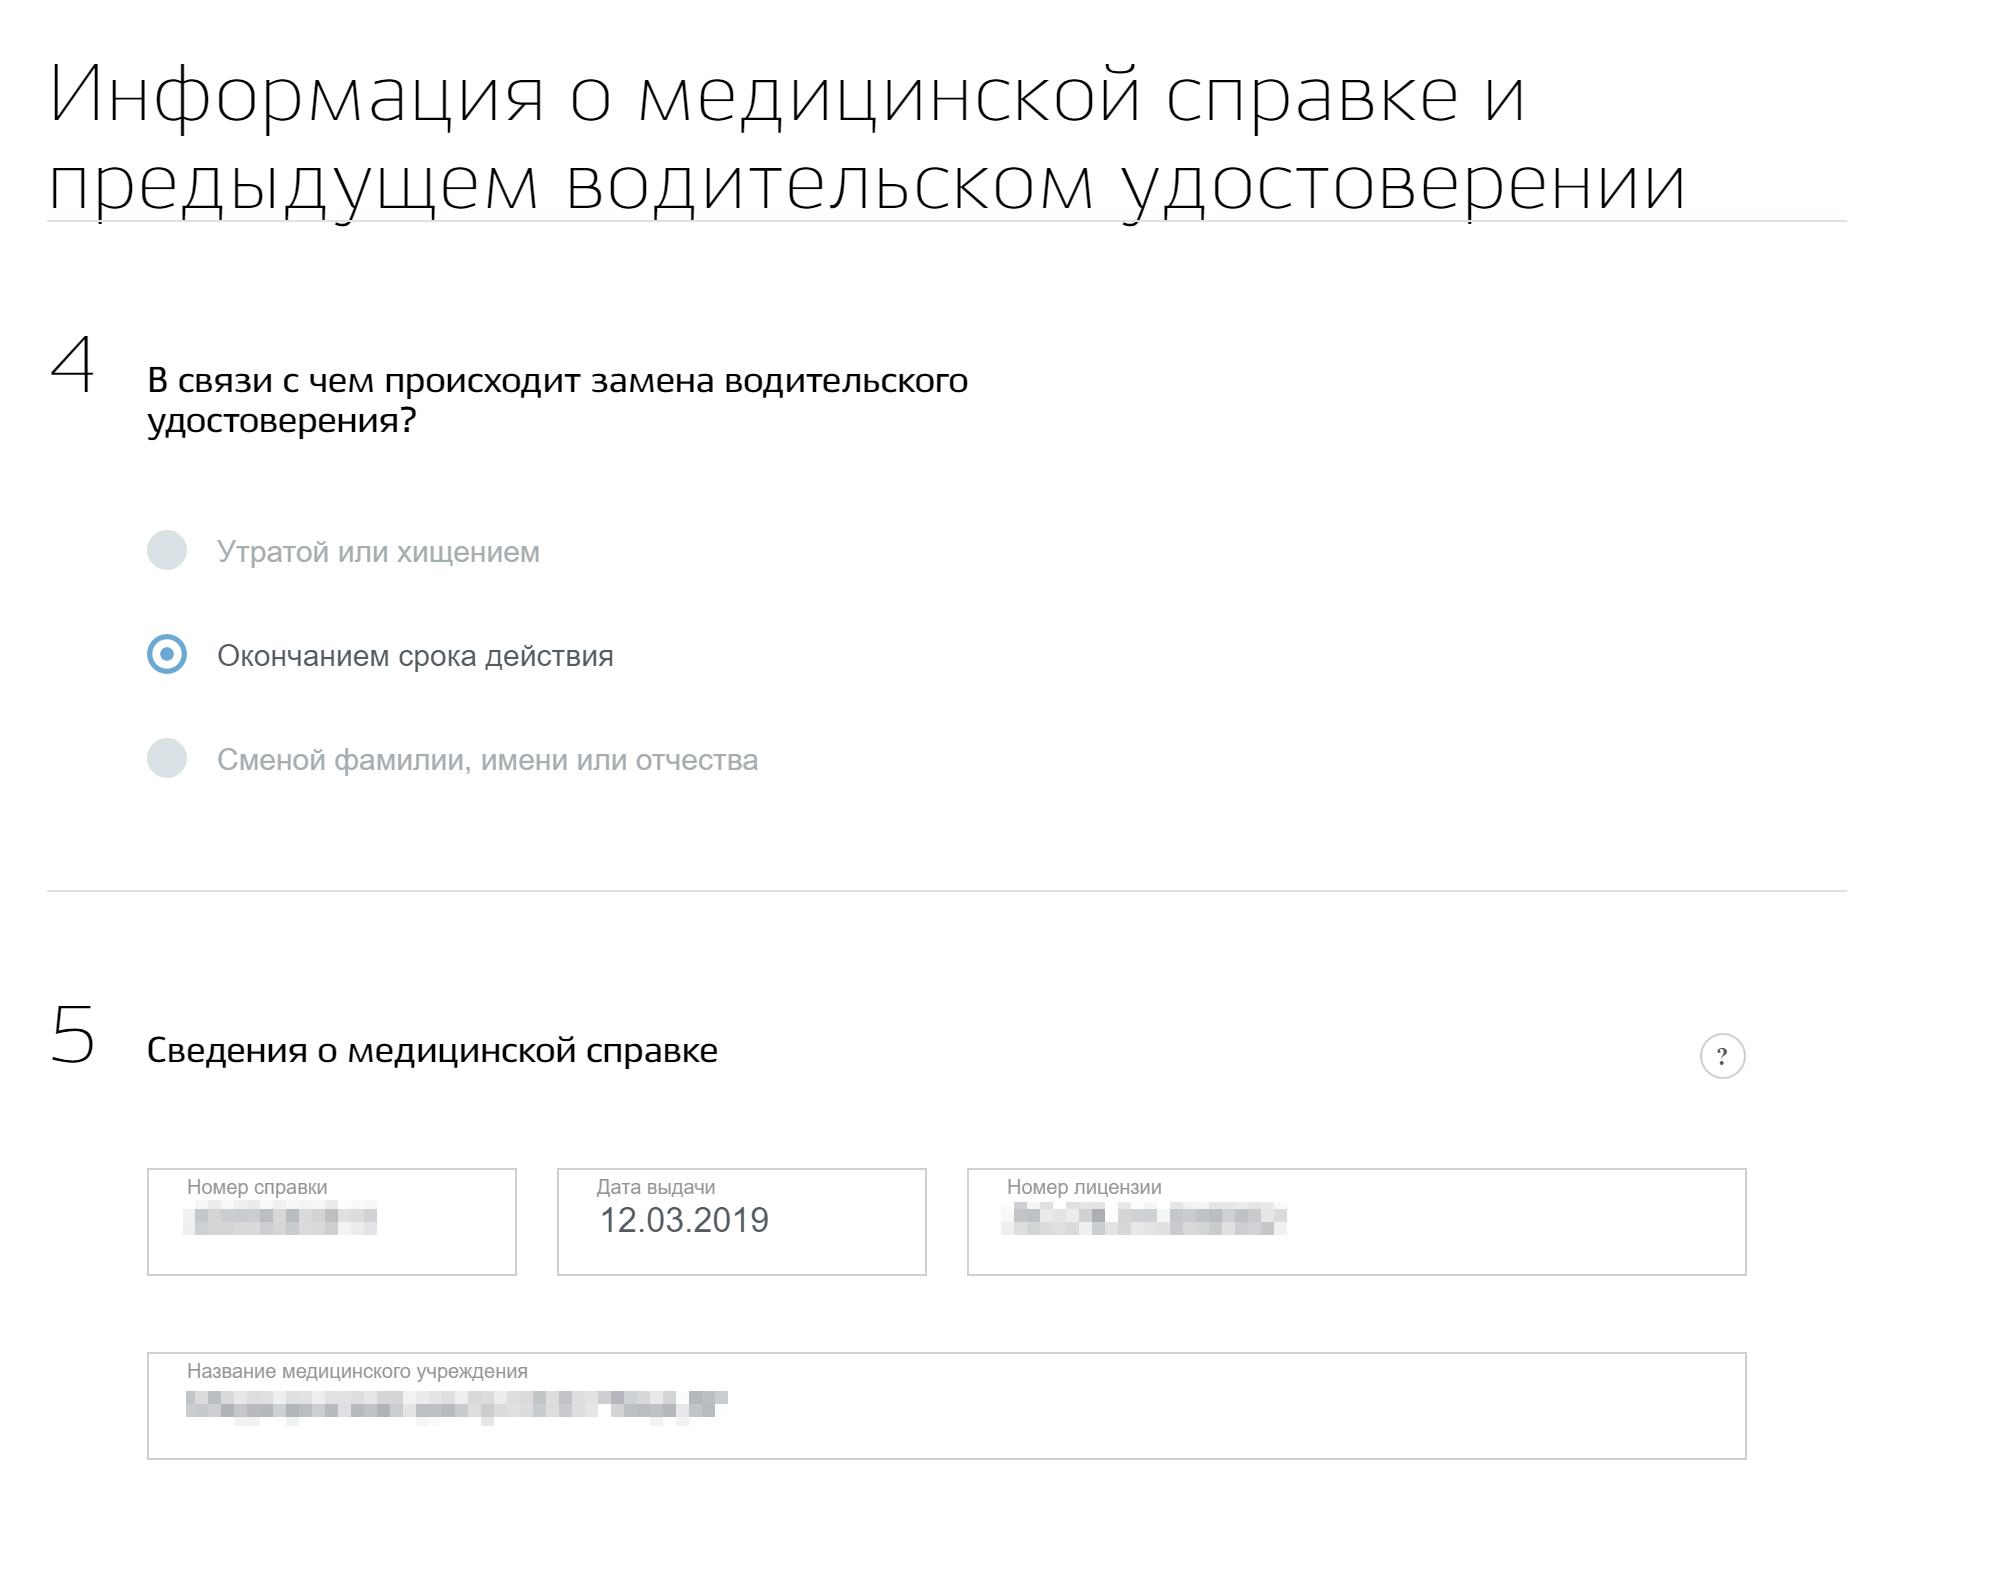 Заполните анкету и укажите в ней данные новой медицинской справки